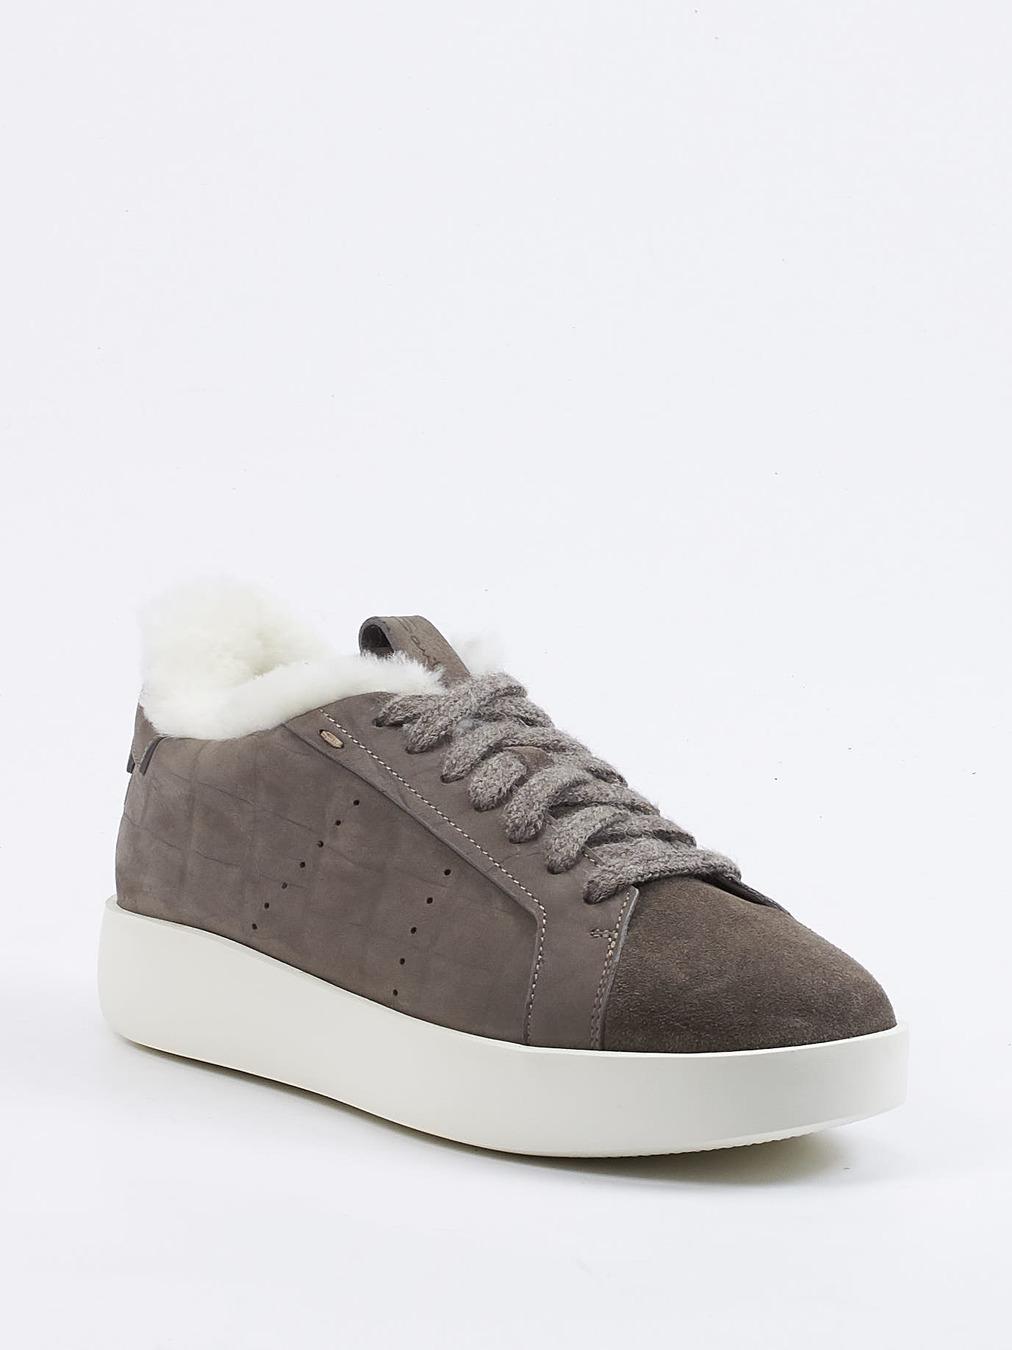 Santoni Damen Sneaker in grau kaufen   Zumnorde Online Shop